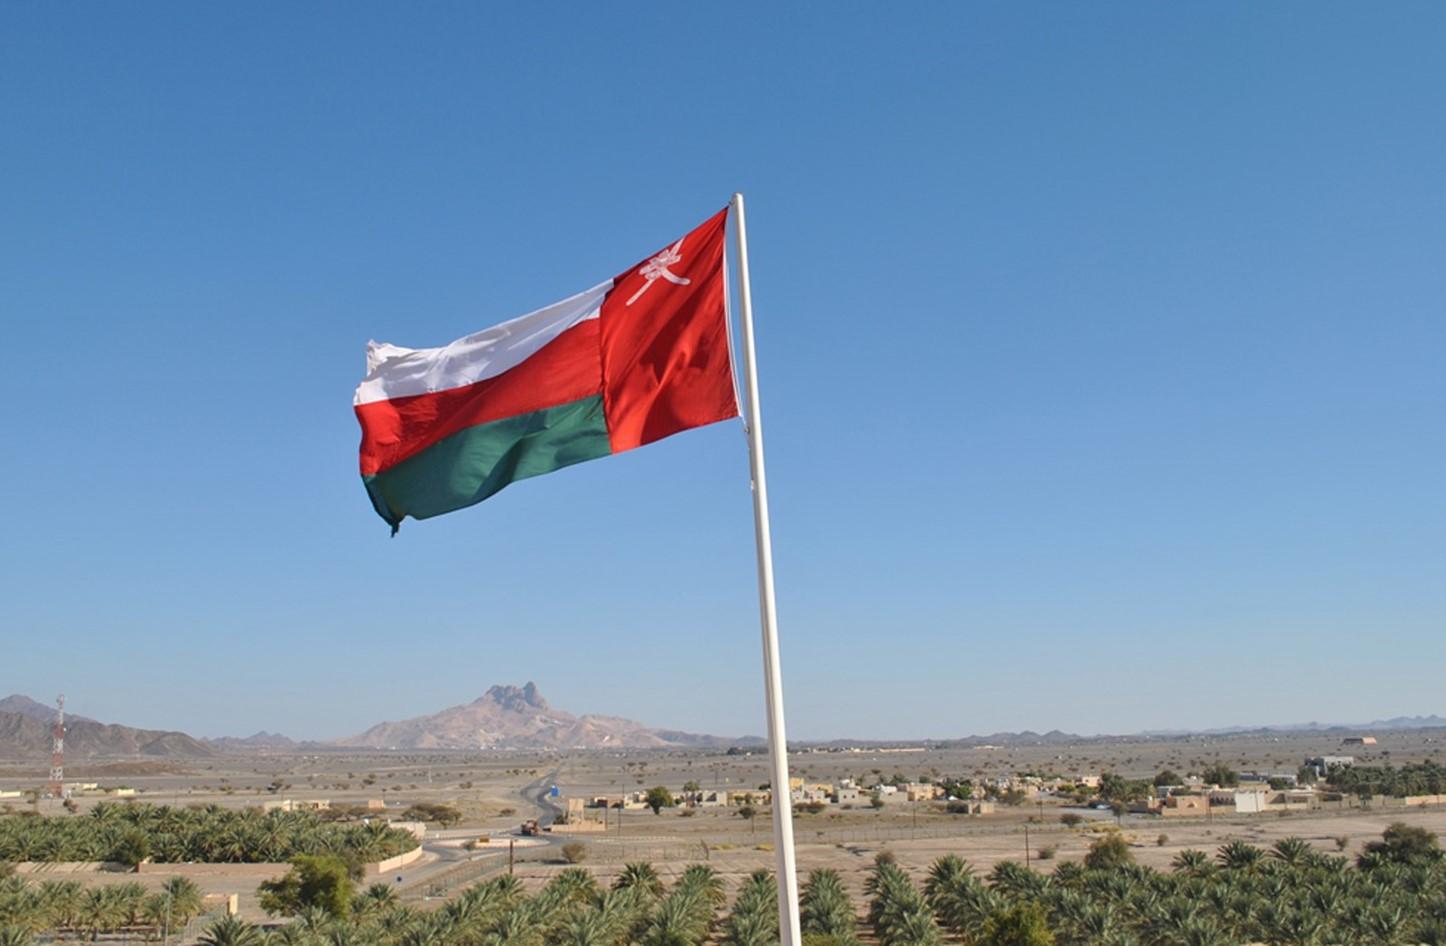 ظاهرة غريبة تثير الذعر في سلطنة عمان (فيديو)